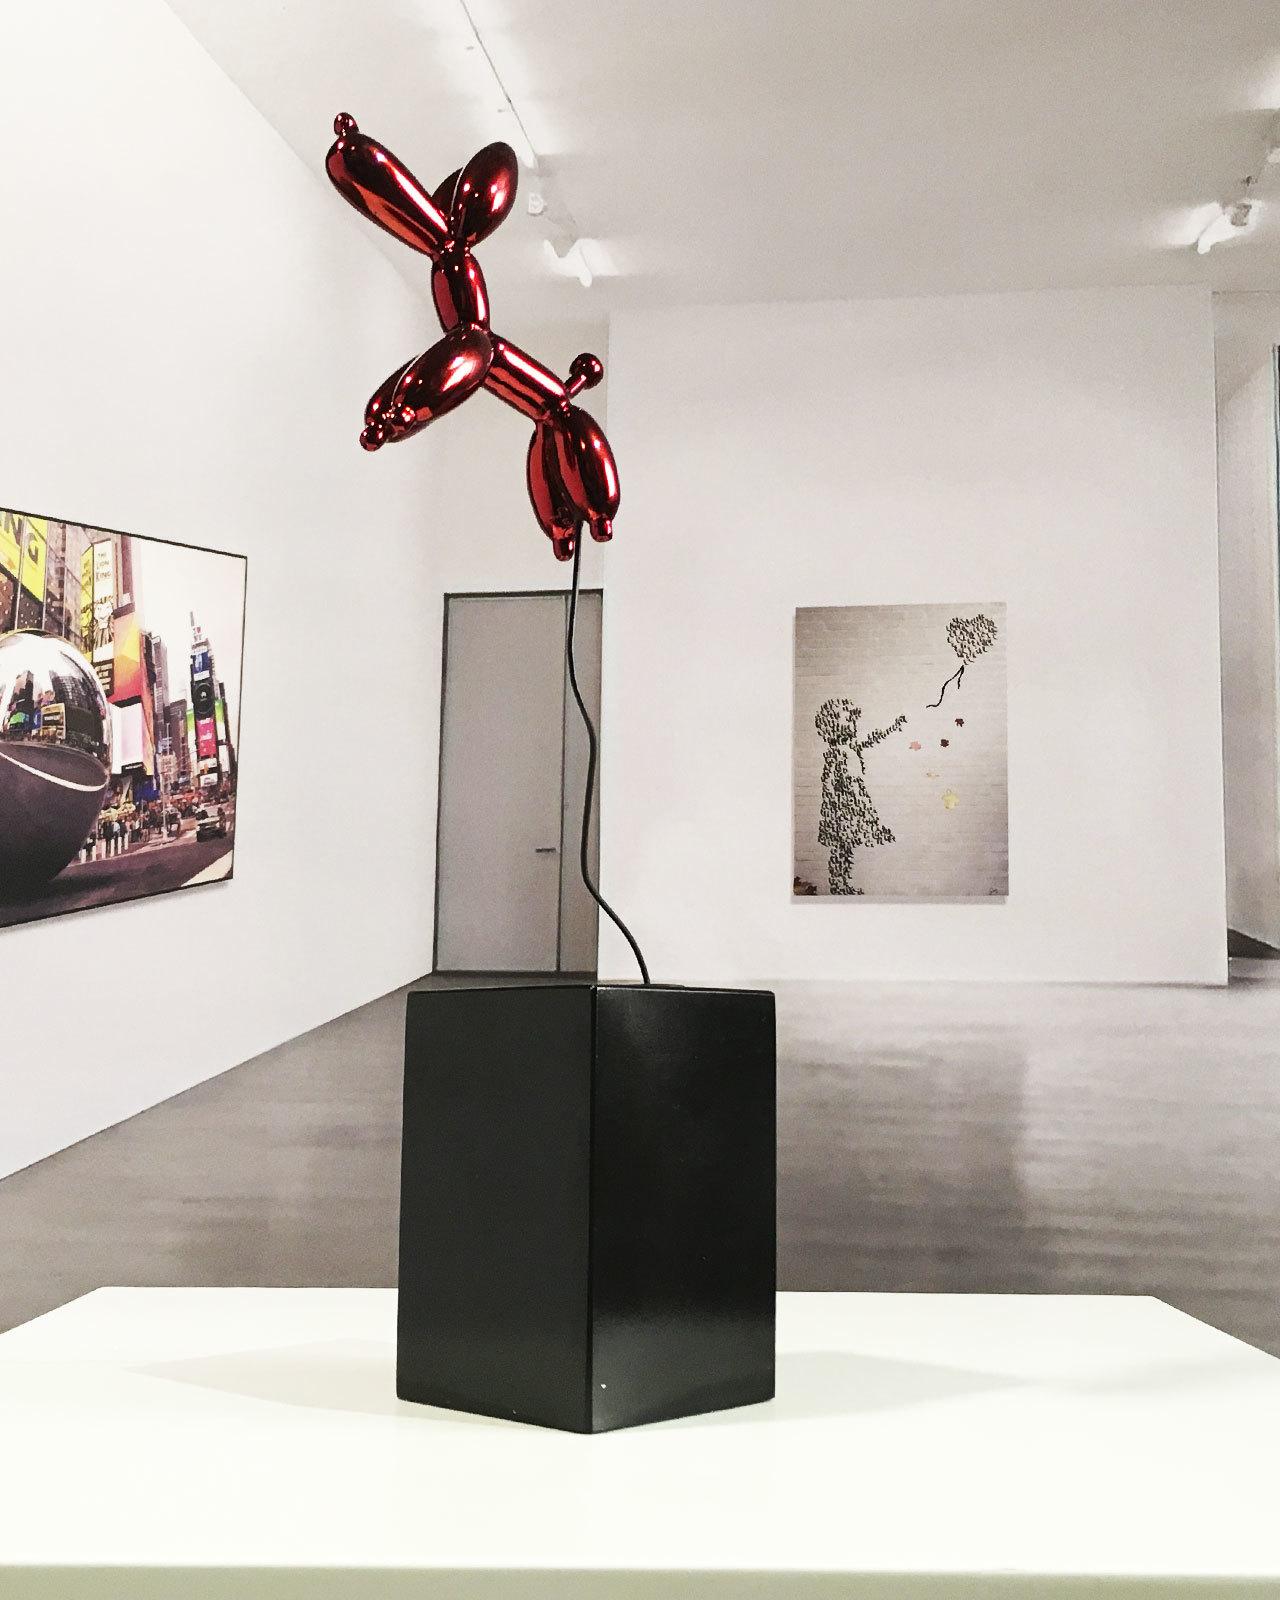 escultura-perro-globo-ingravido